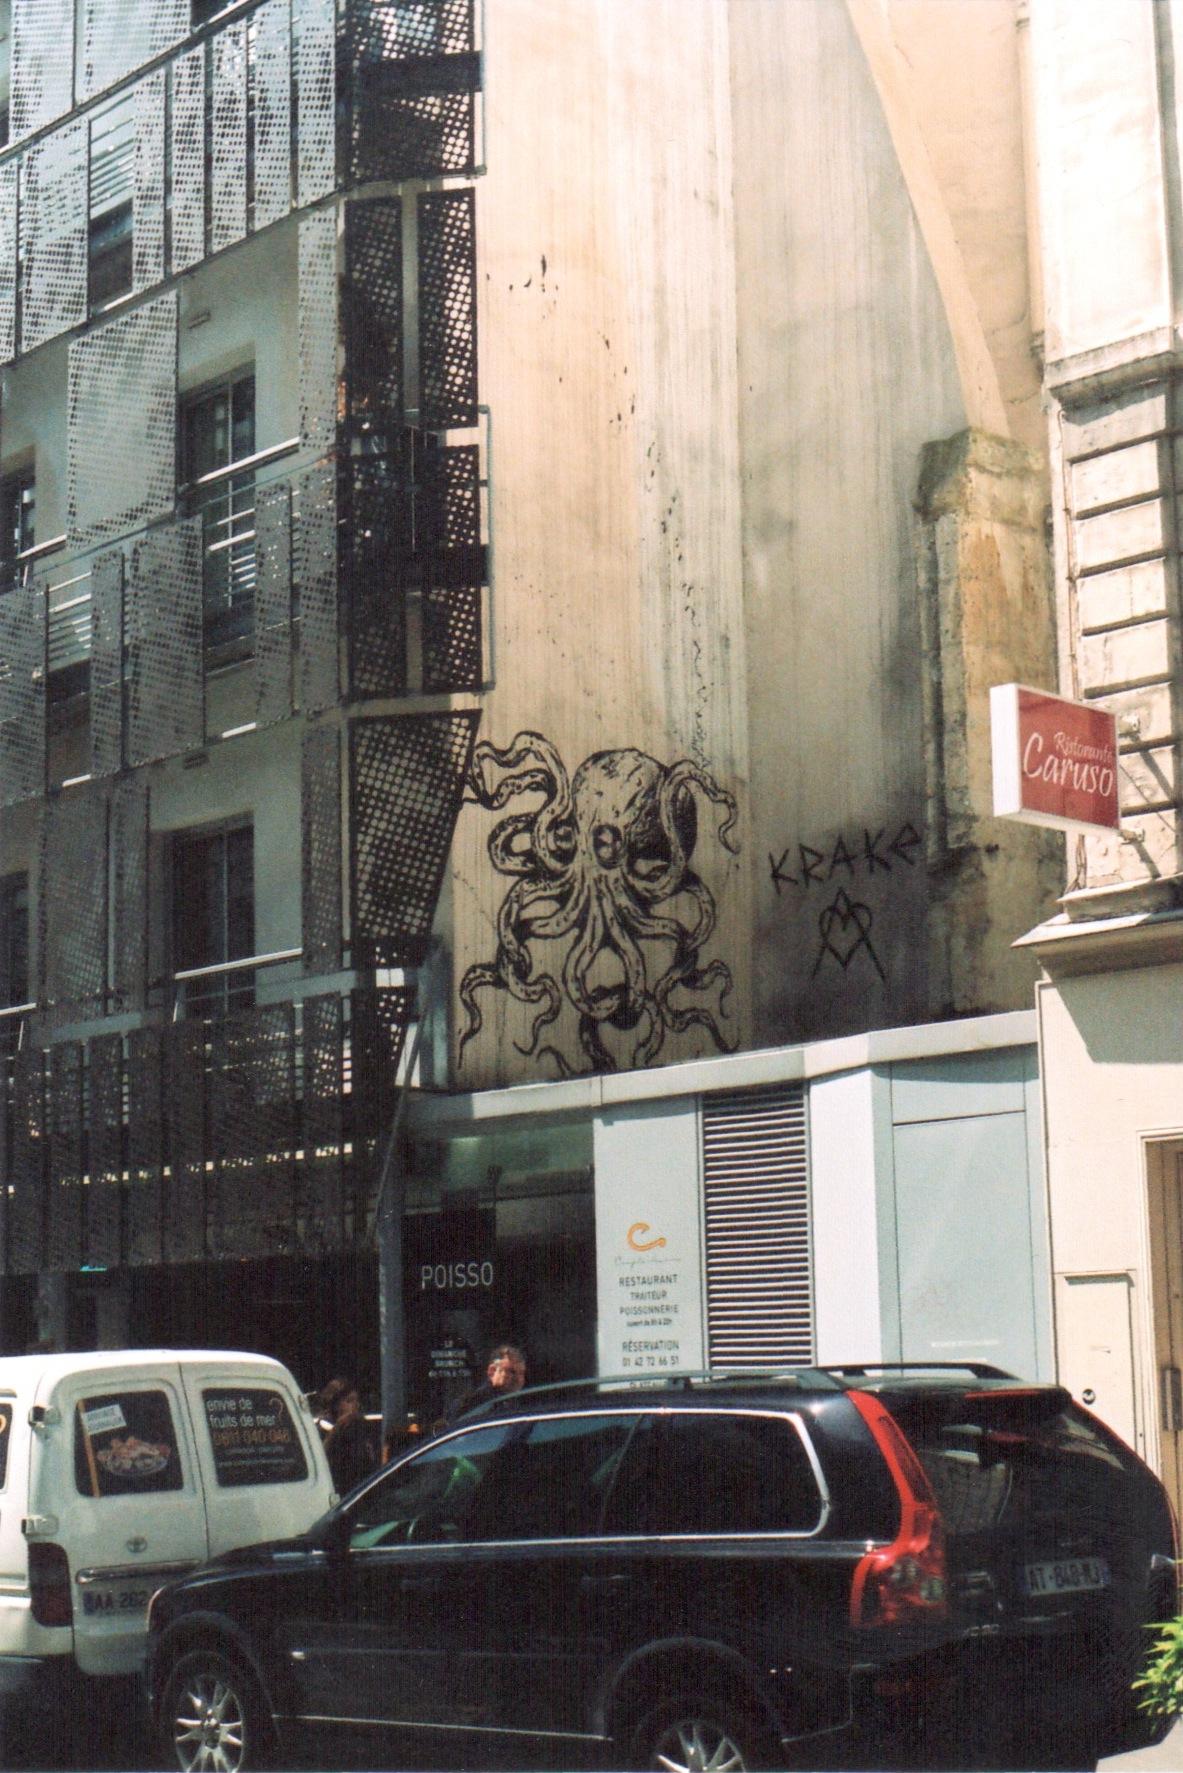 Streets of Paris on Film VIII